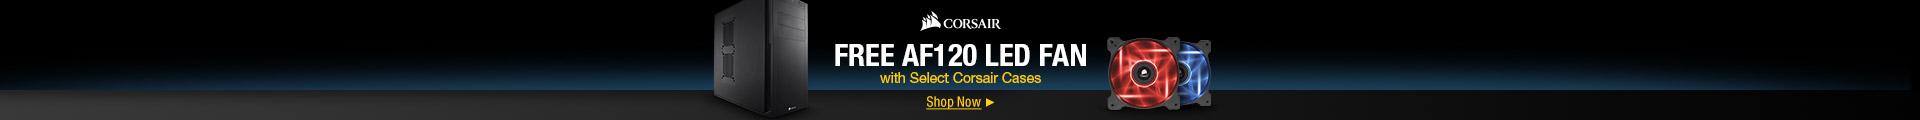 FREE AF120 LED FAN